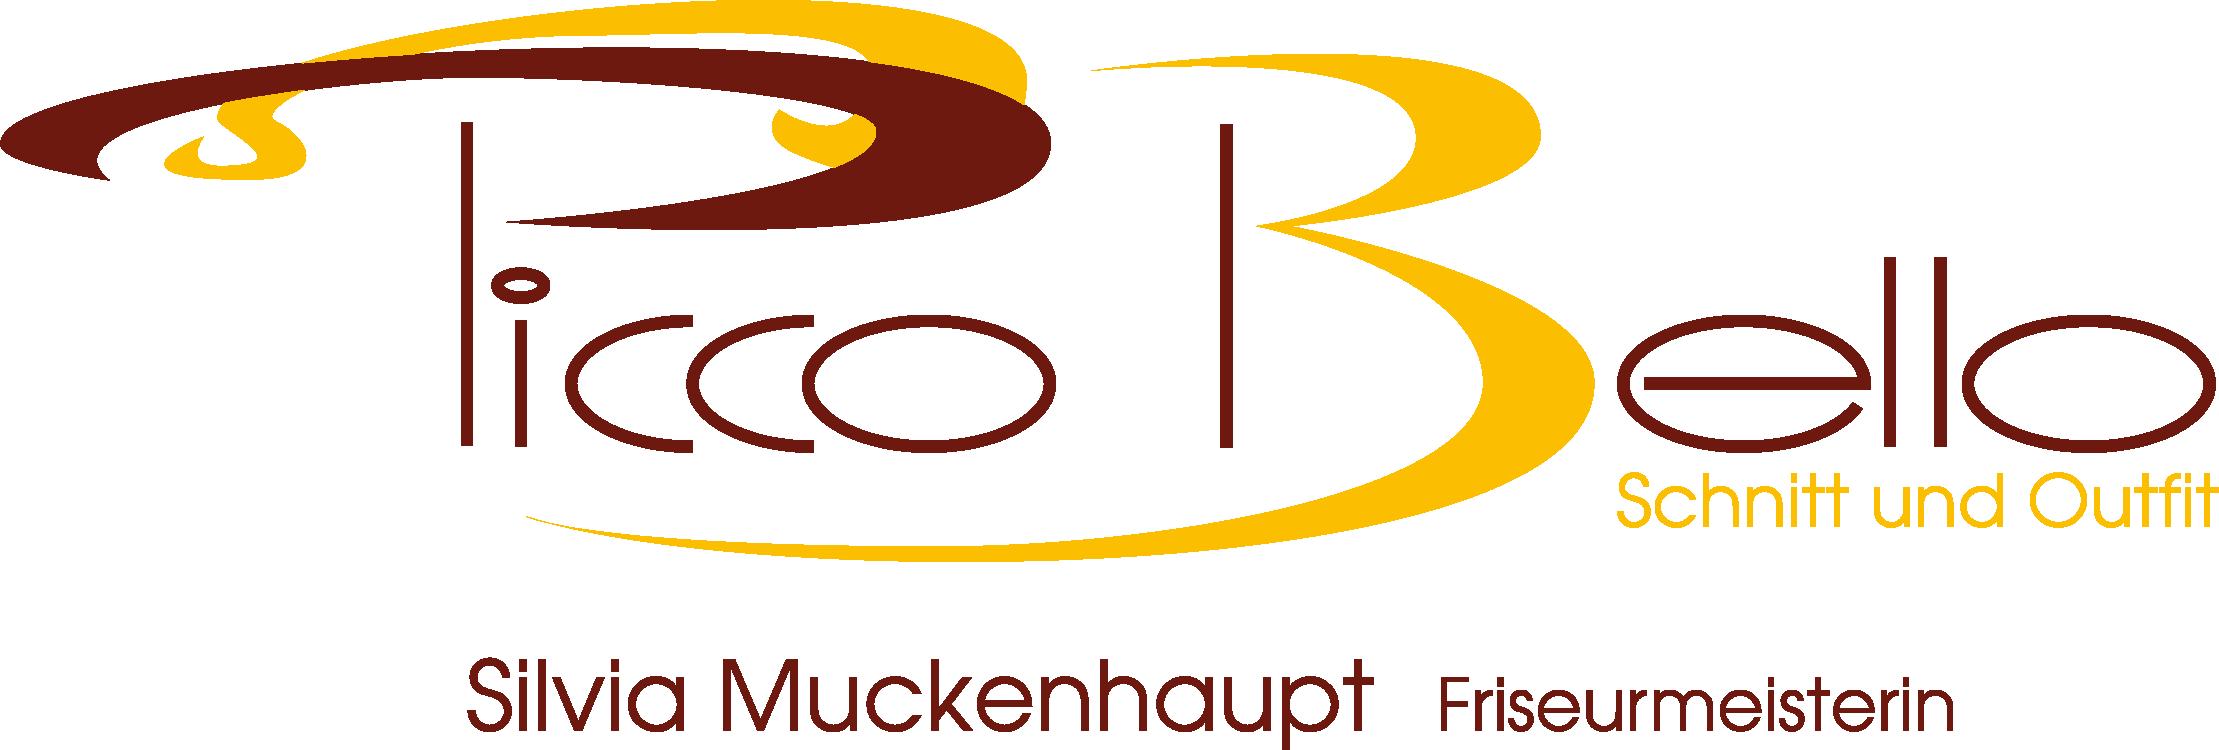 Picco Bello | Friseur Silvia Muckenhaupt Logo